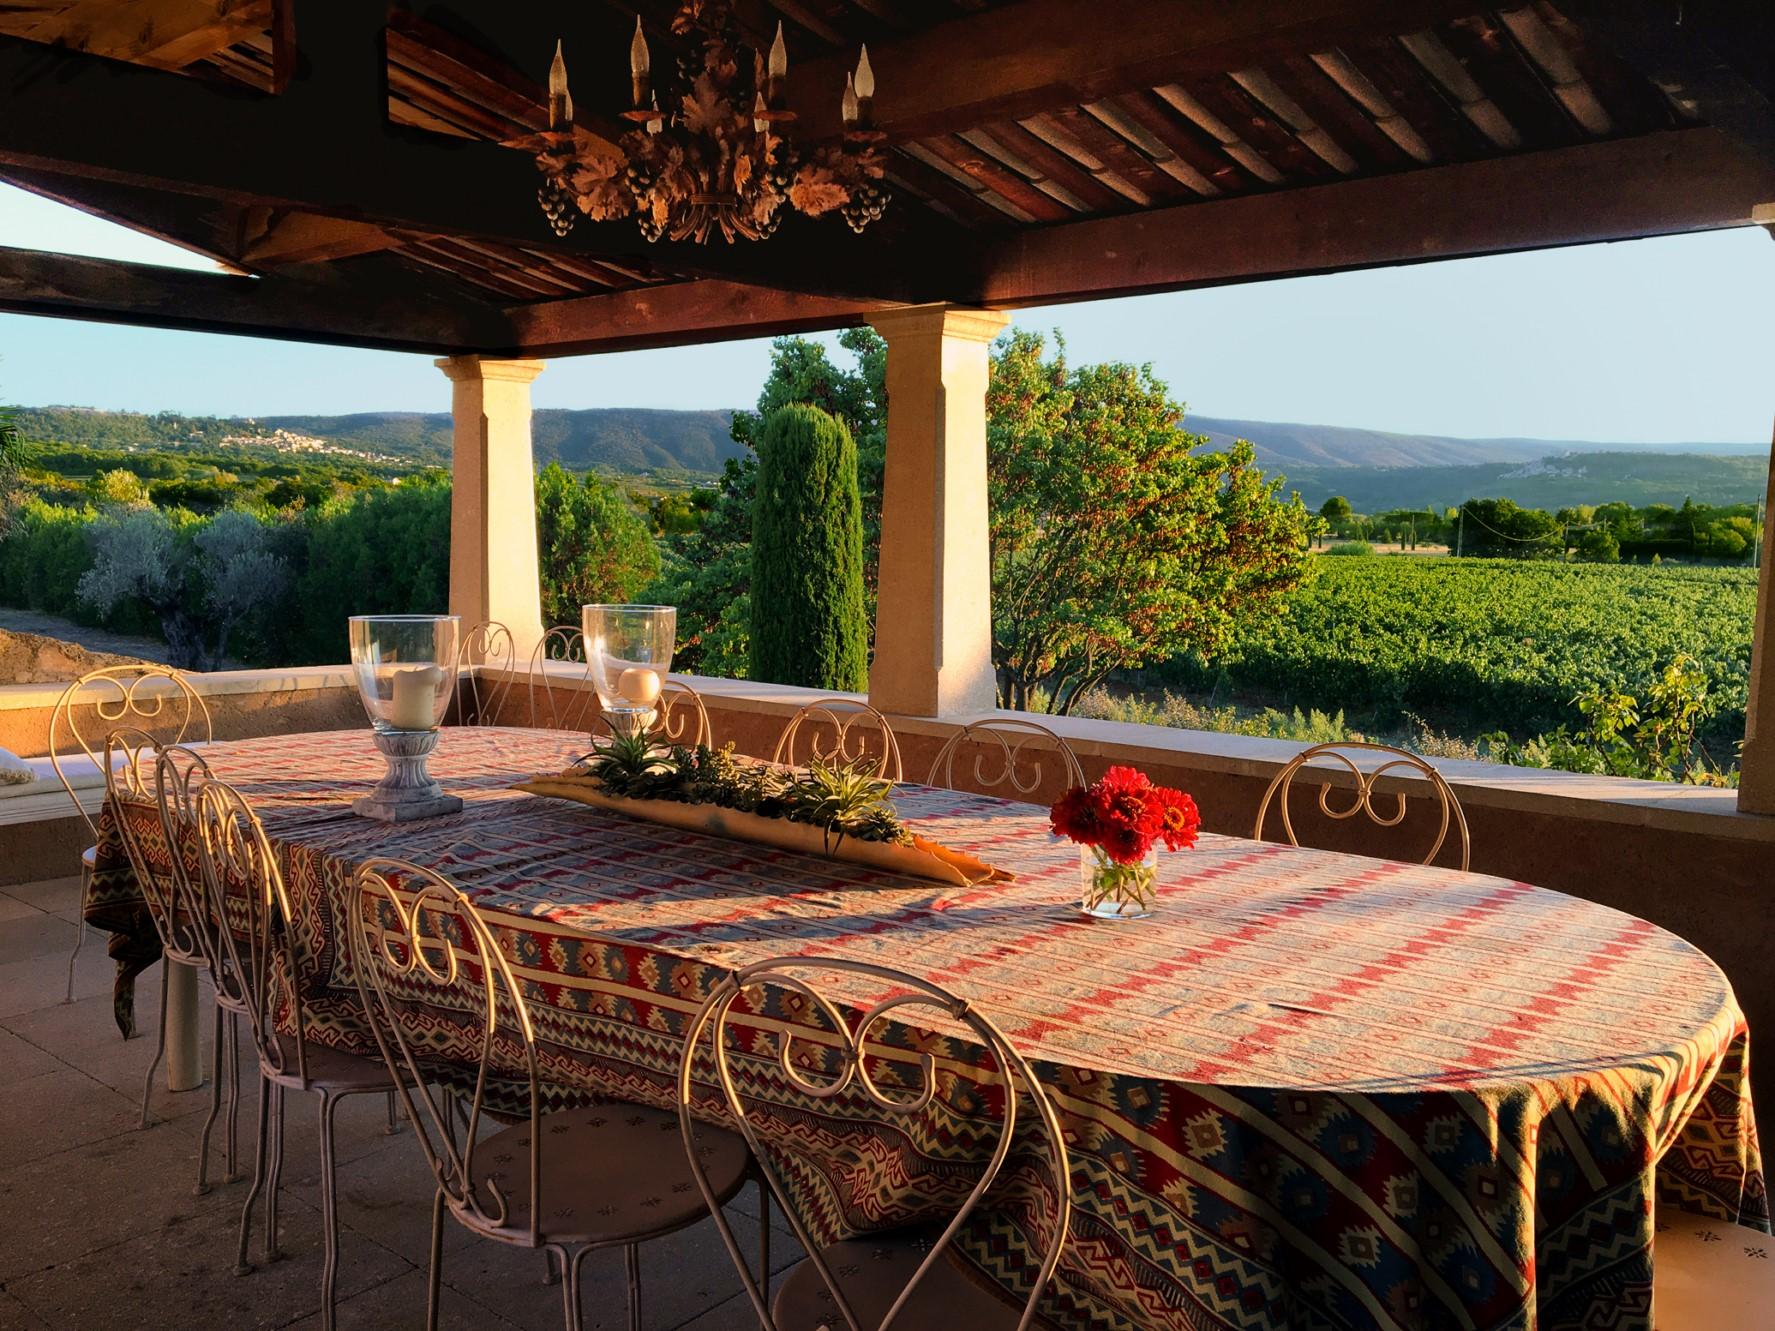 Maison à vendre au cœur de la Provence